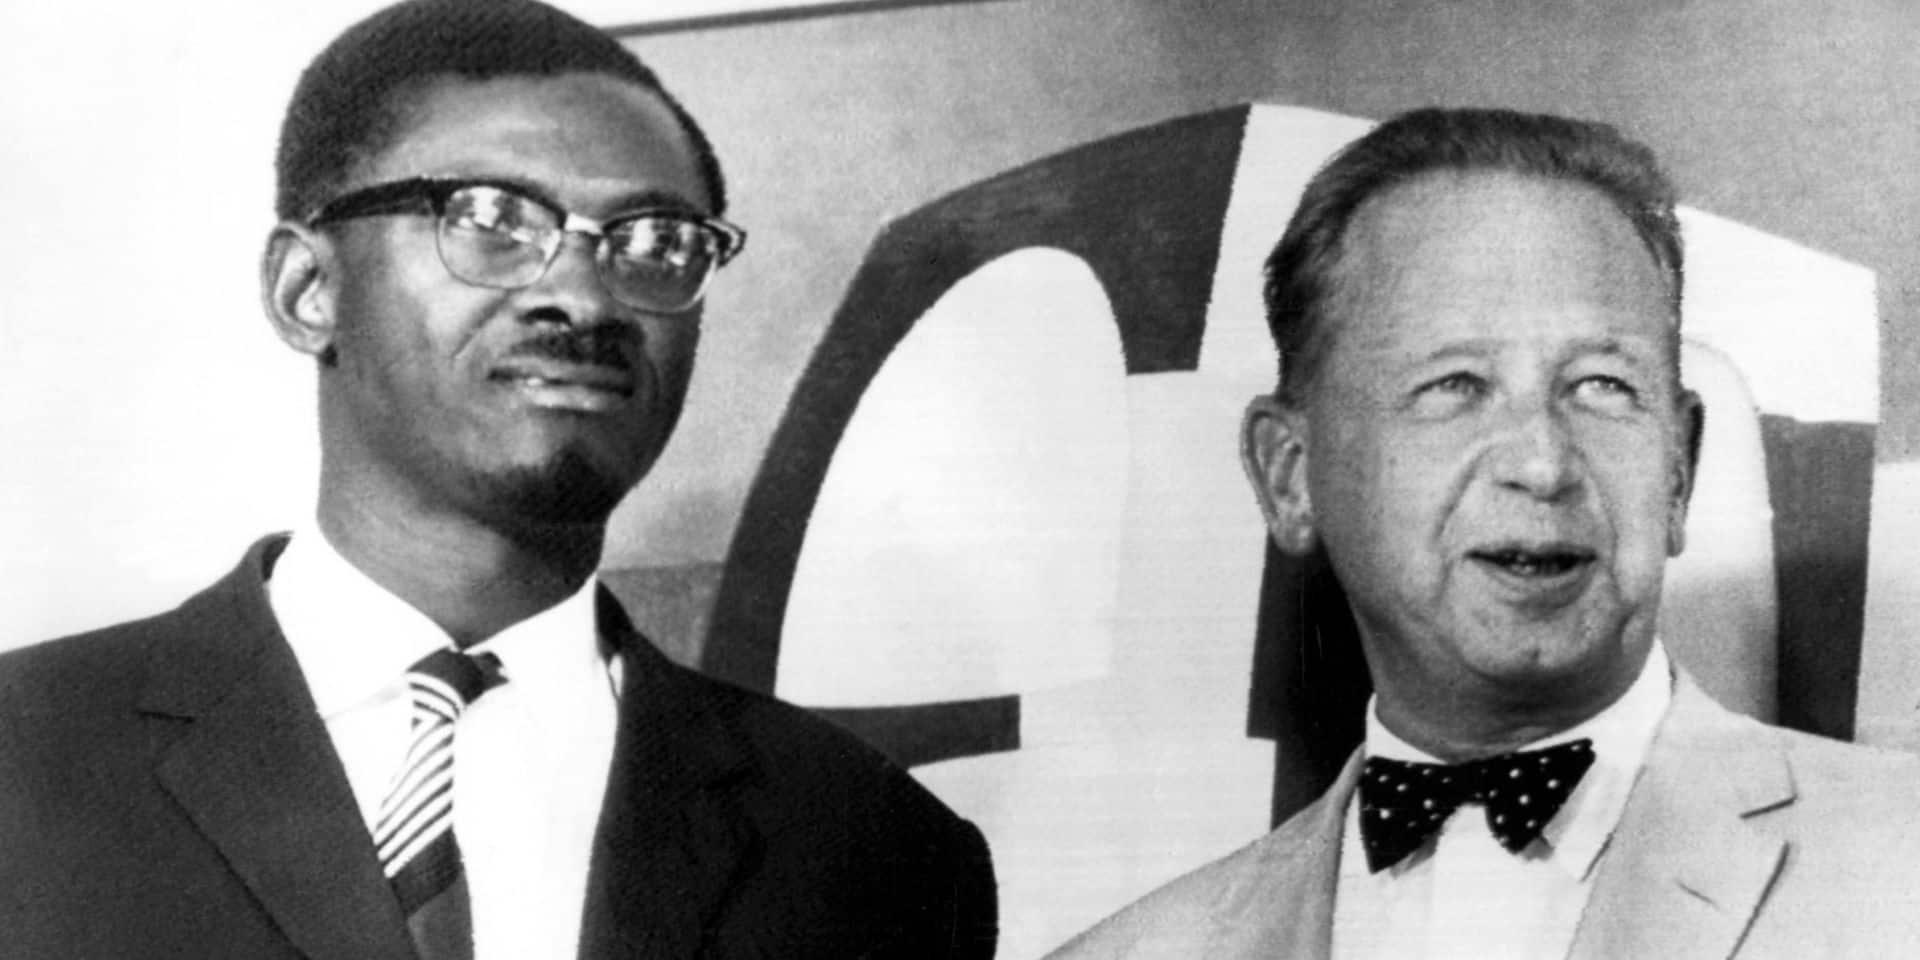 La mort mystérieuse de Dag Hammarskjöld en 1961 pas encore élucidée